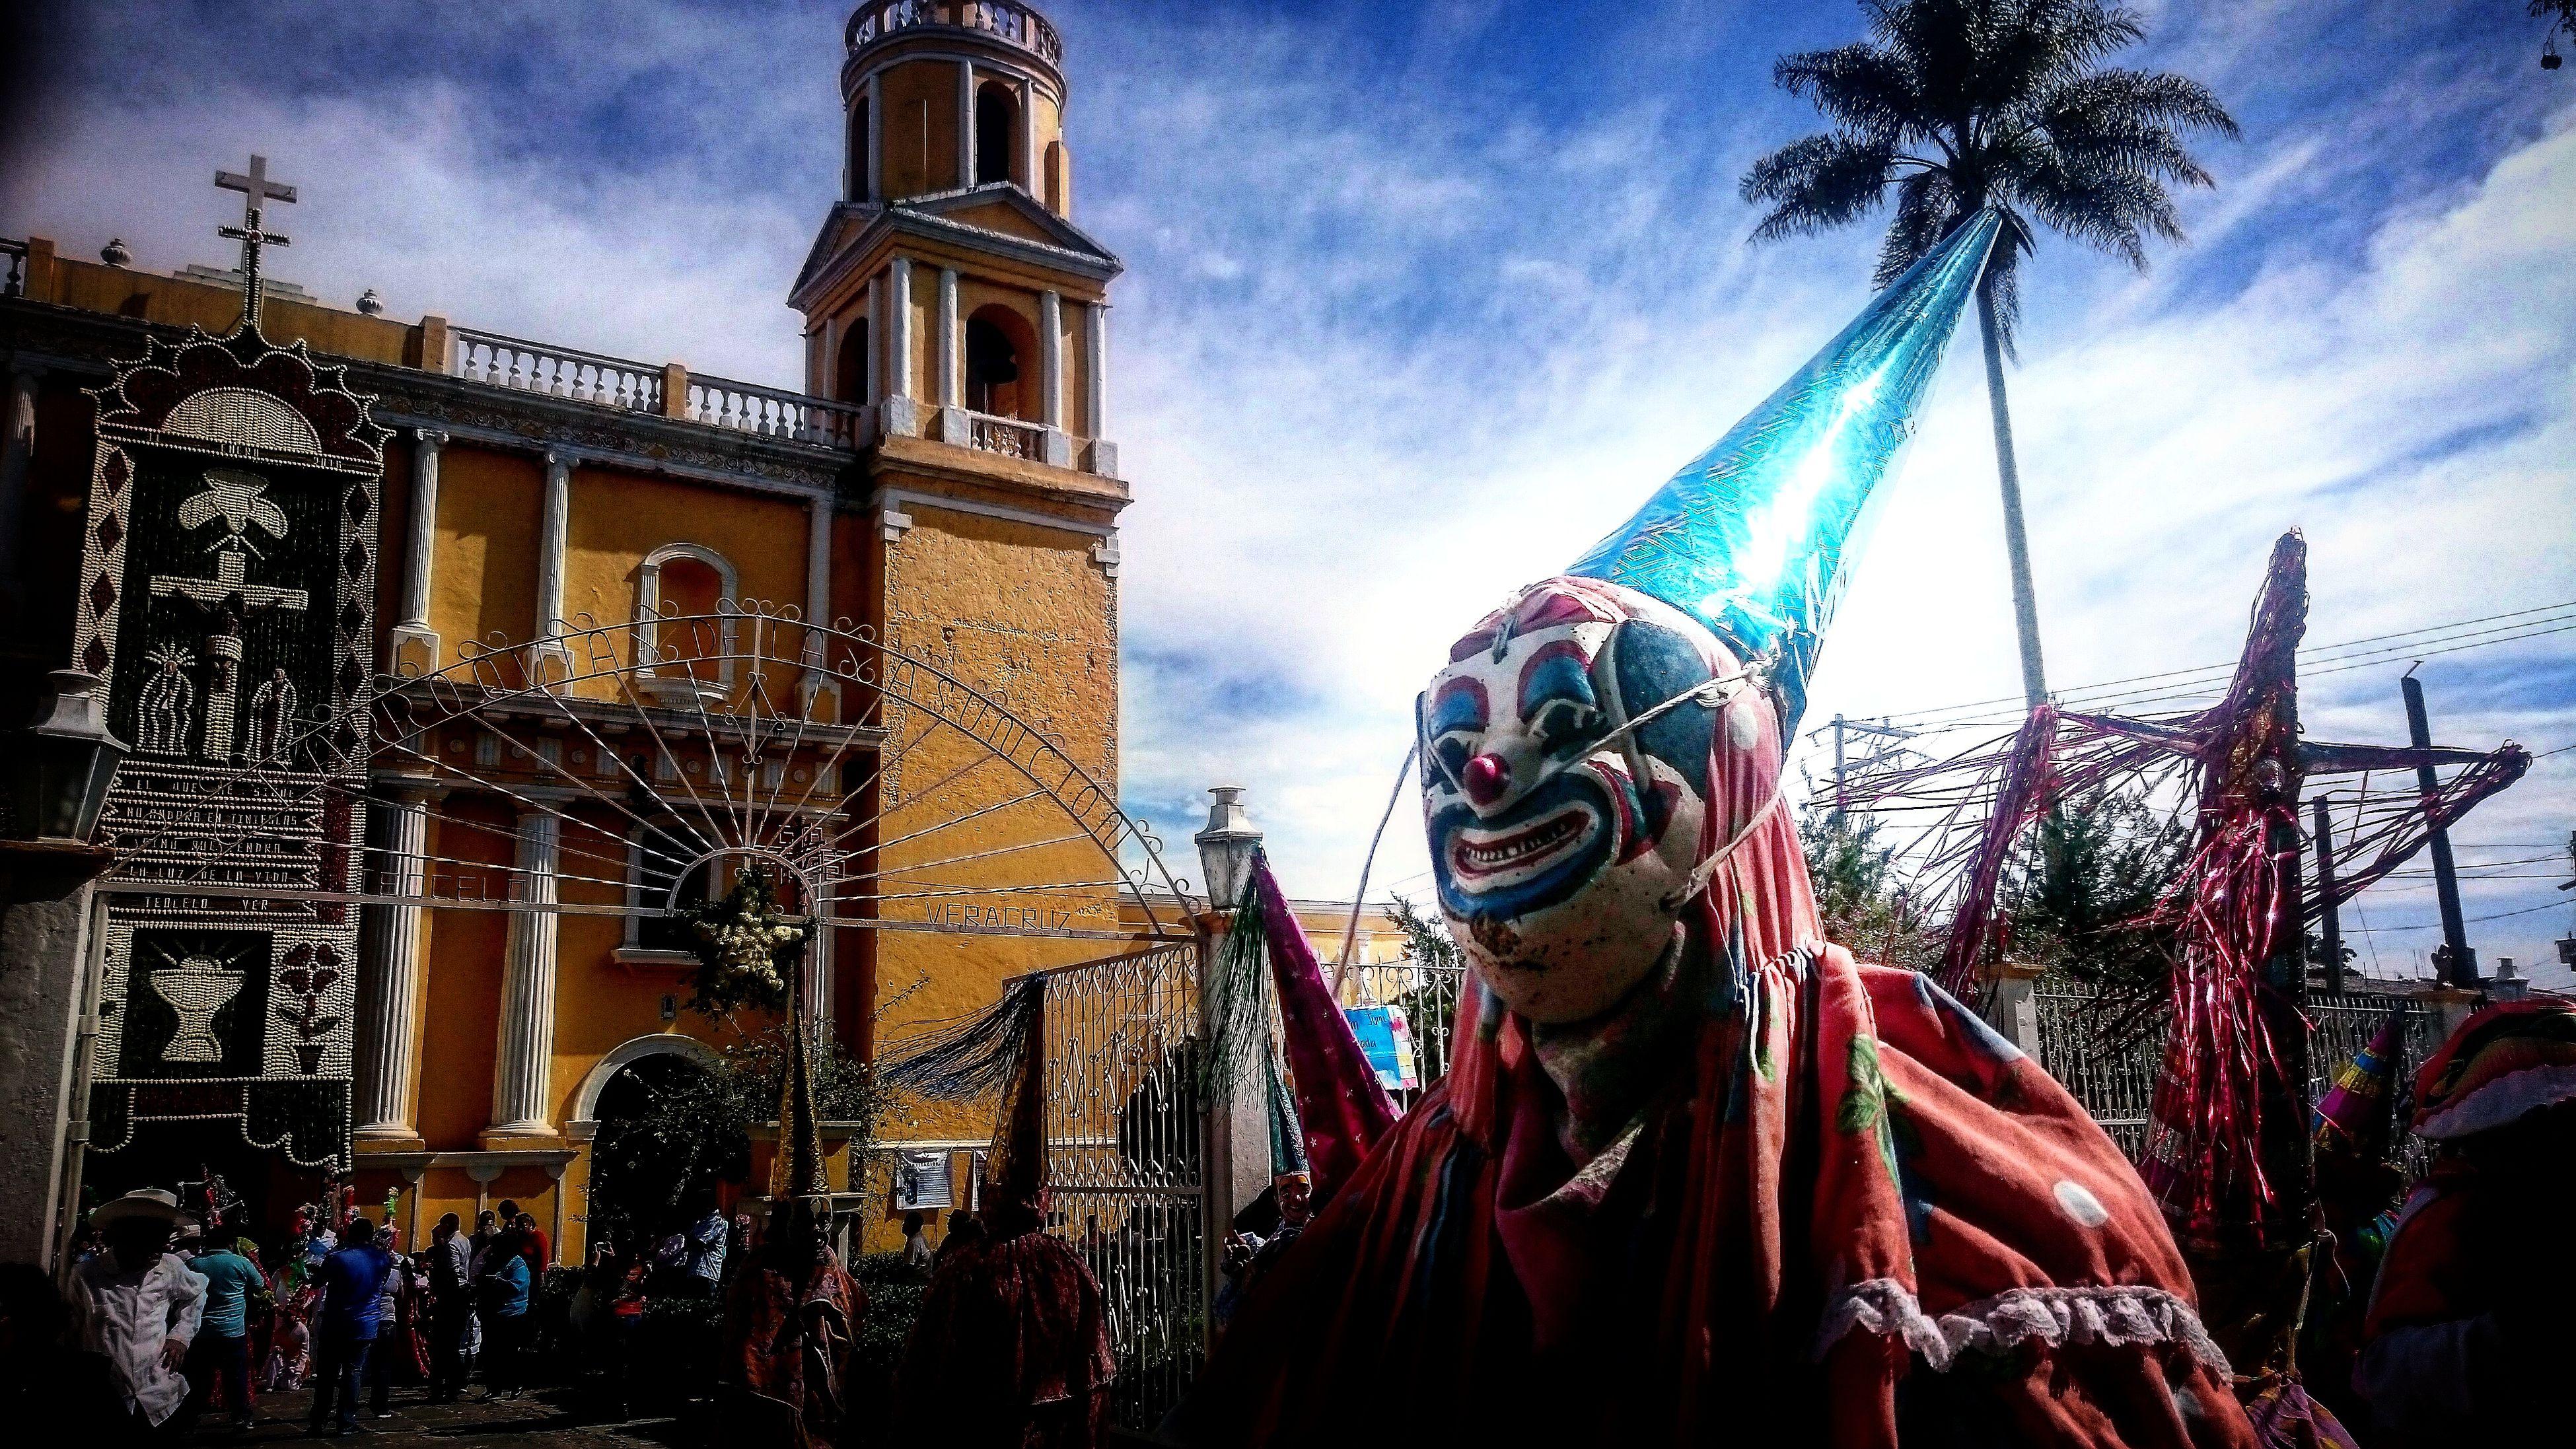 Colors Of Carnival Teocelo Veracruz, México carnival